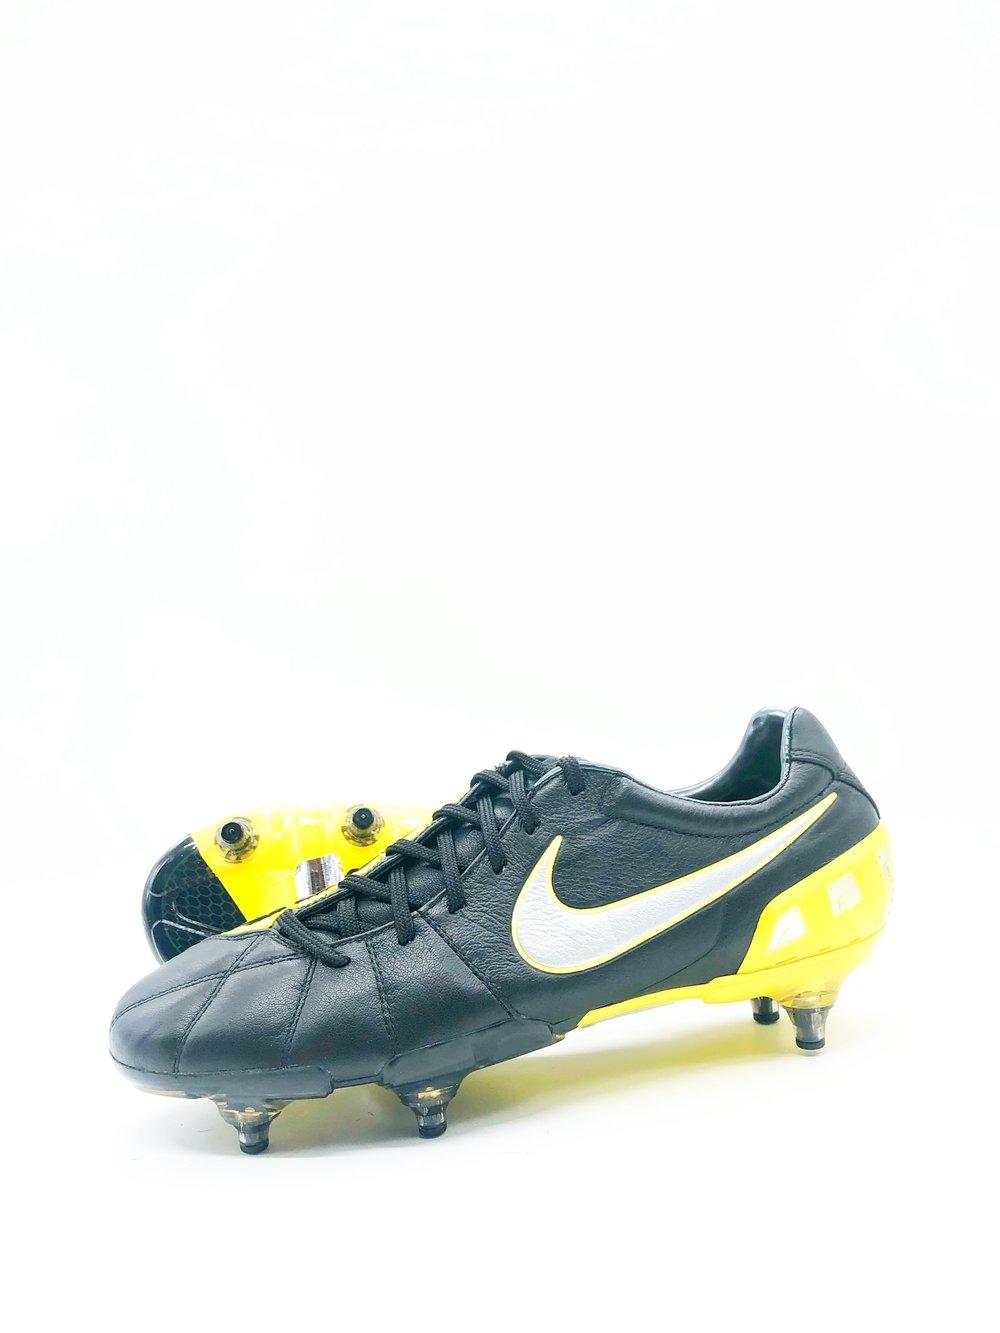 Image of Nike total 90 Laser K leather SG